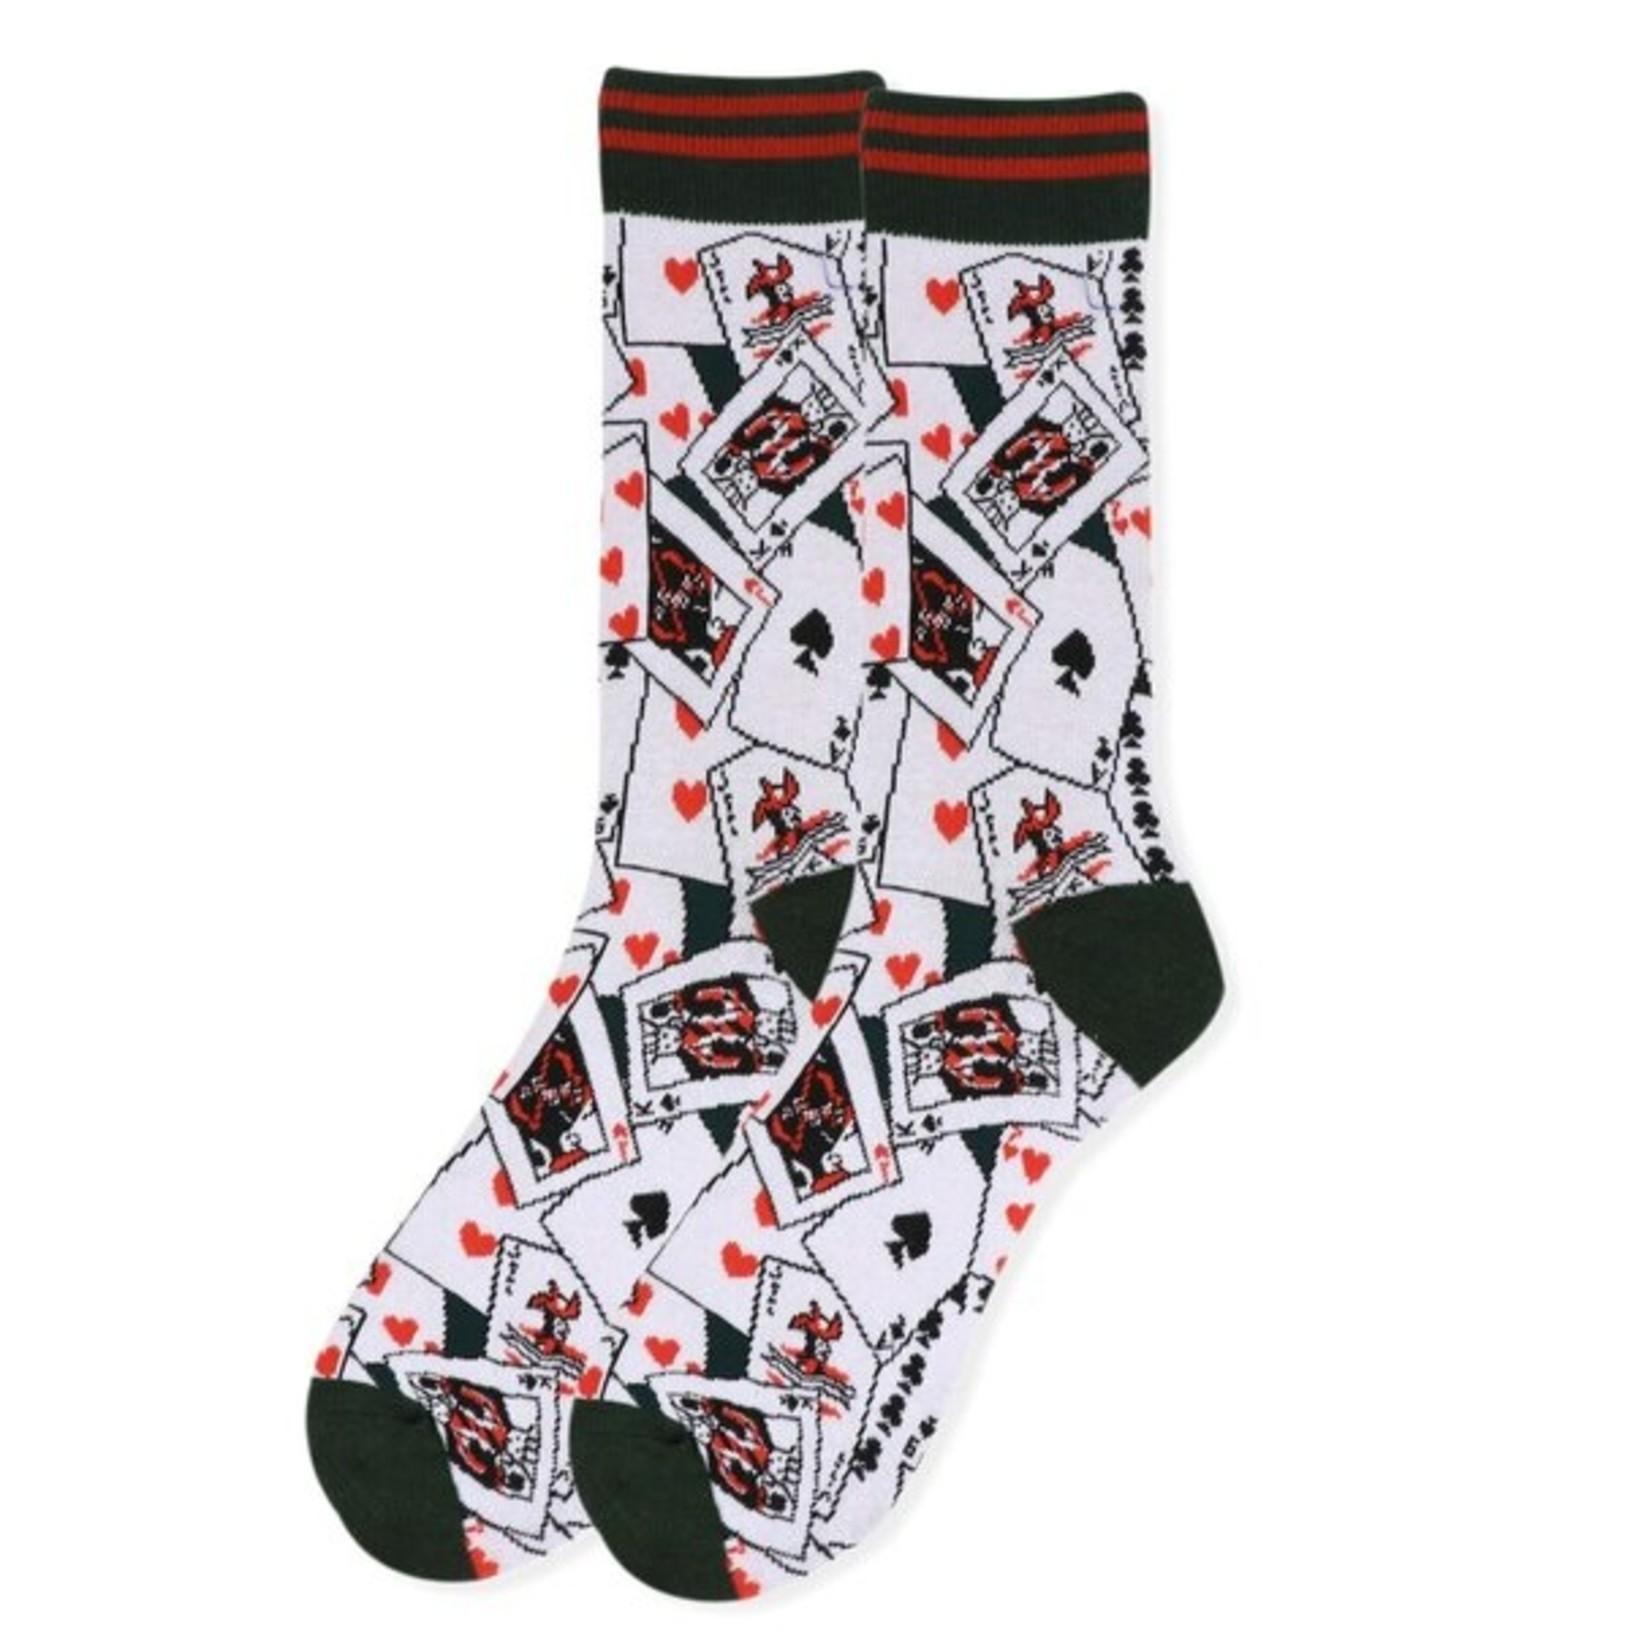 Selini Novelty Men's Socks